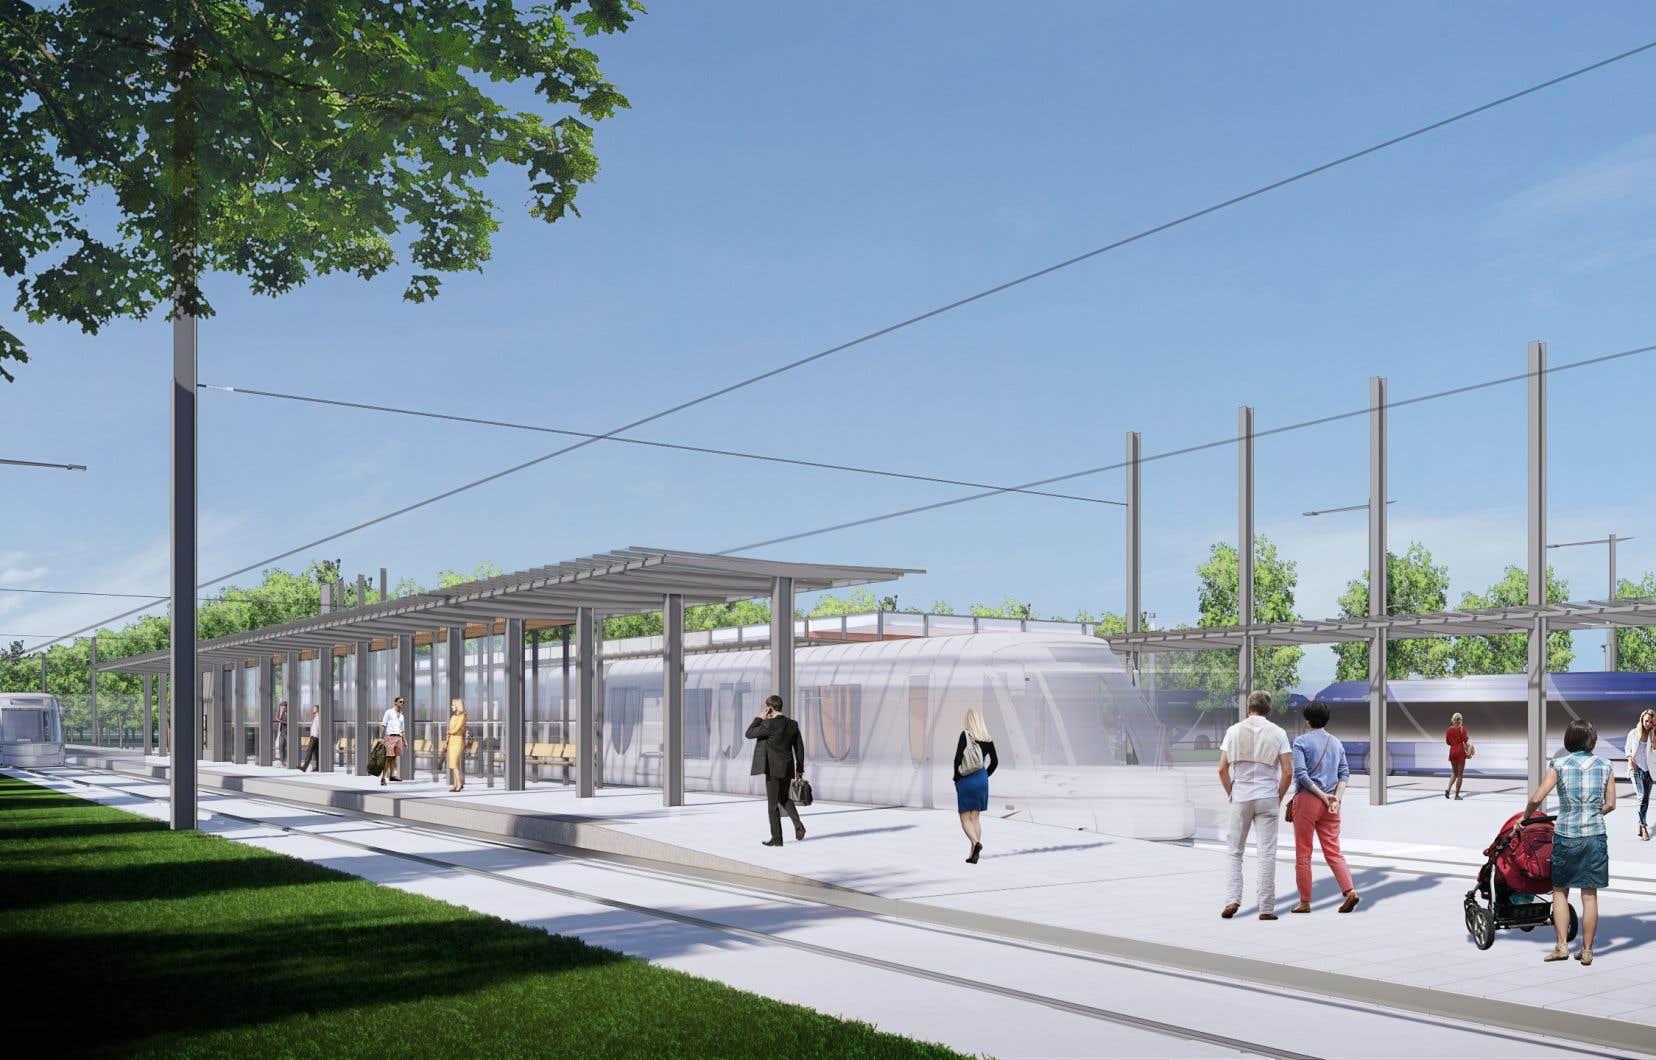 Le Bureau de projet du réseau structurant s'est défendu d'avoir misé sur le secteur Le Gendre comme terminus pour répondre aux intérêts de promoteurs immobiliers.